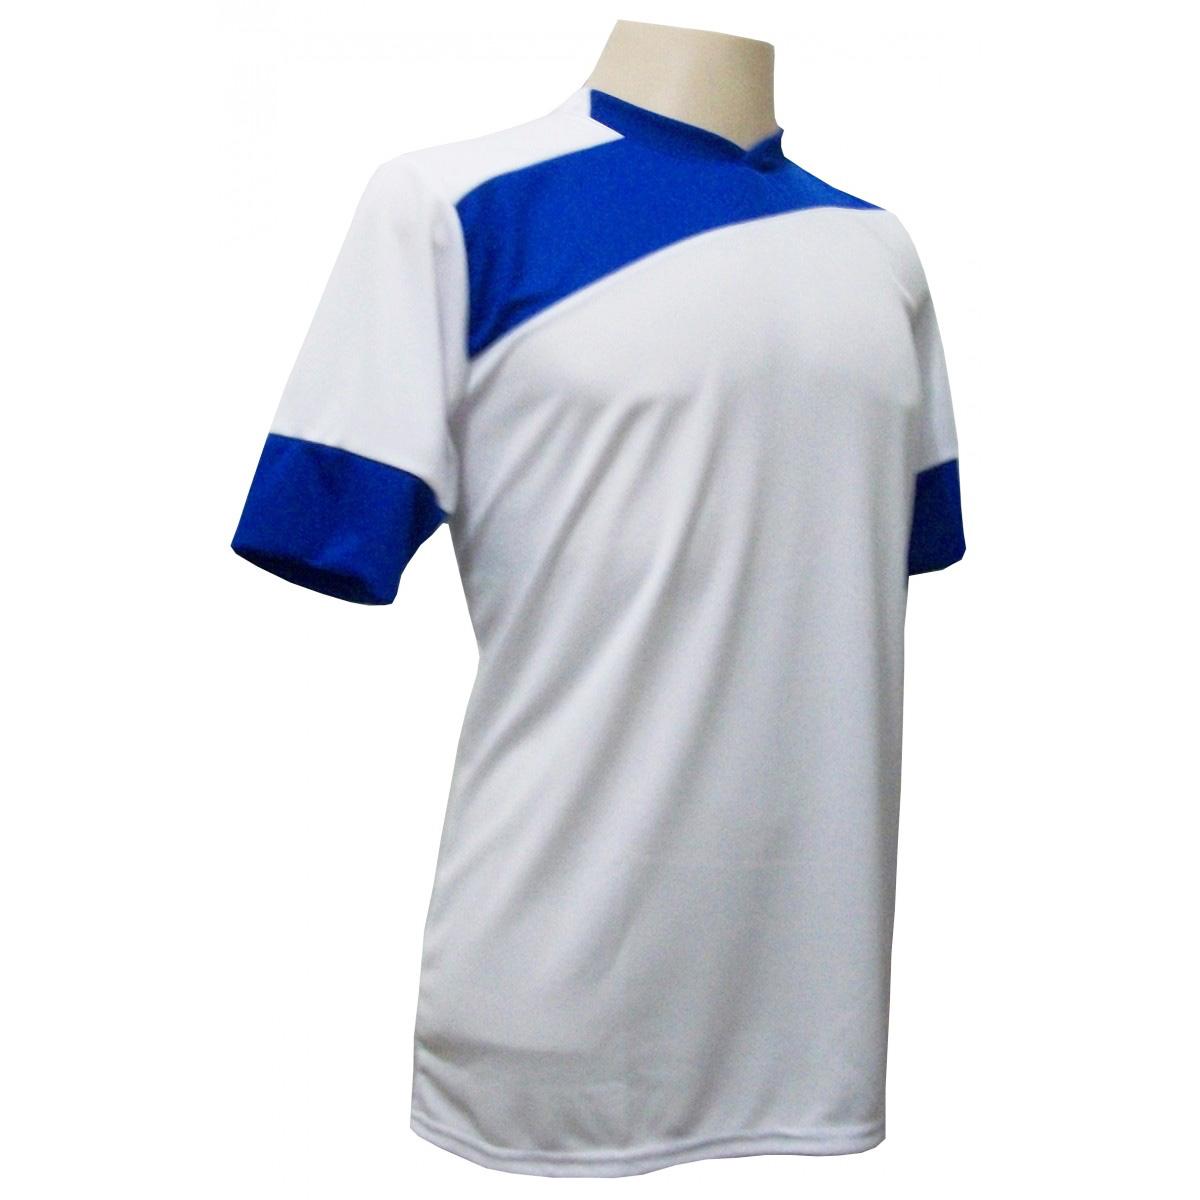 5b0ac10d75ecf ... Uniforme Esportivo com 14 camisas modelo Sporting Branco Royal + 14  calções modelo Copa + ...